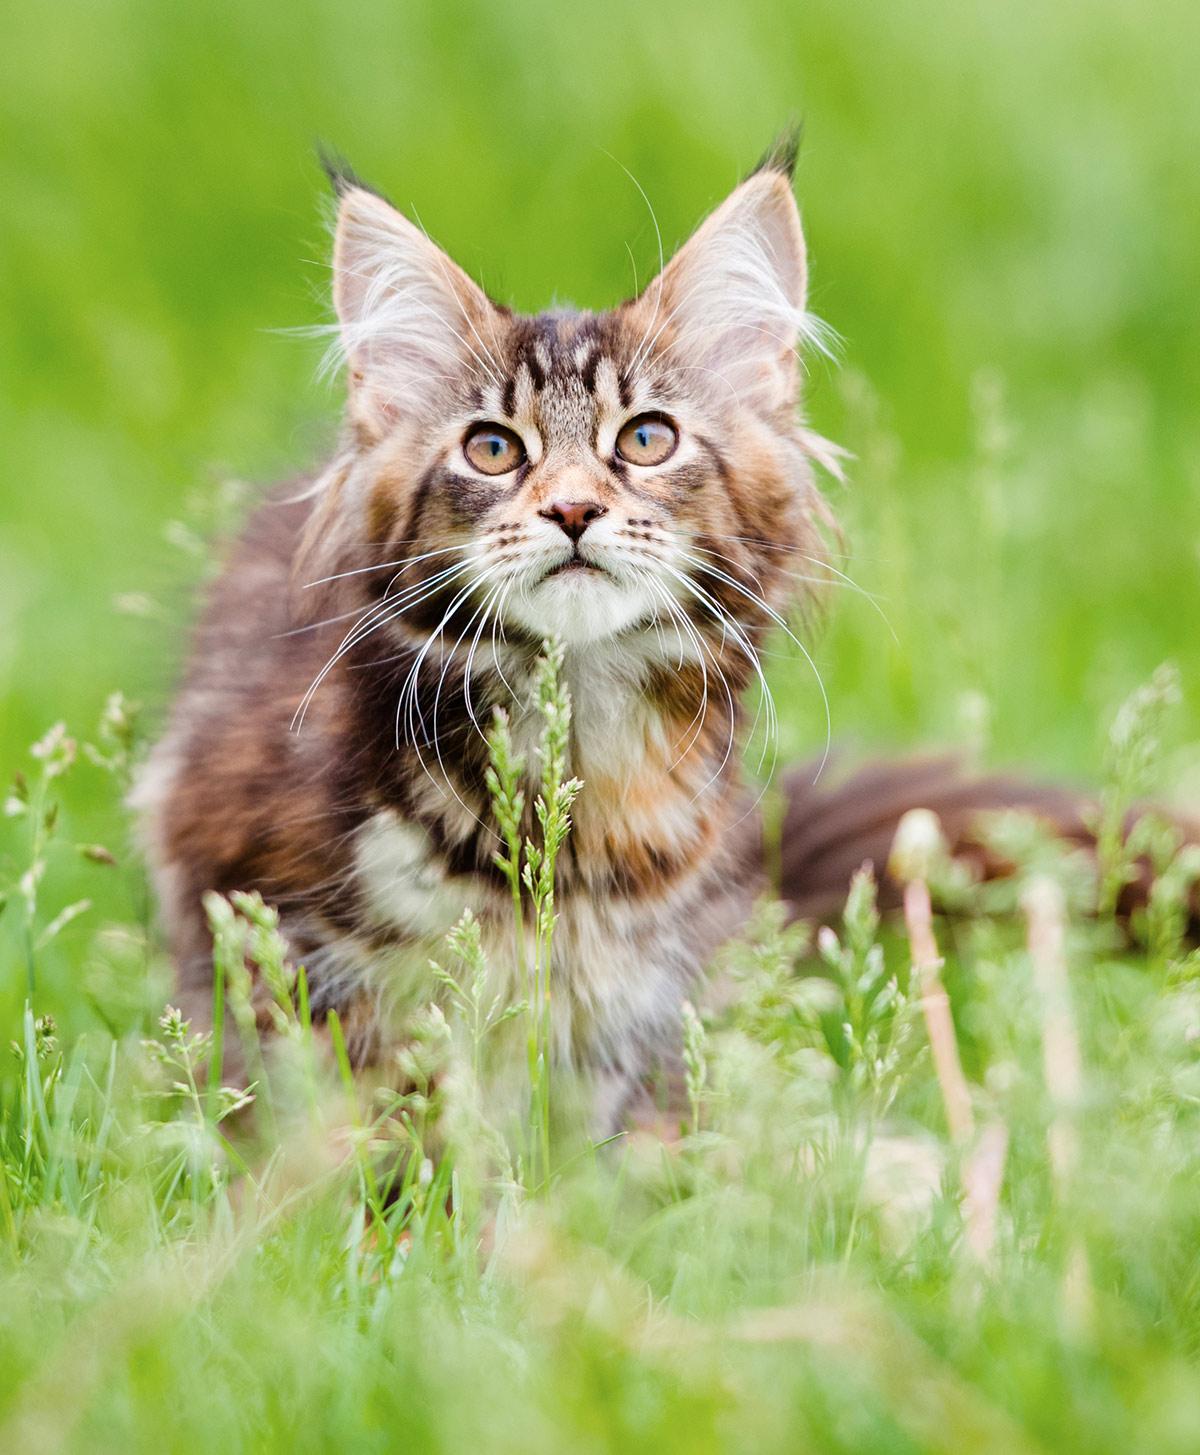 Maine Coon Kitten photos